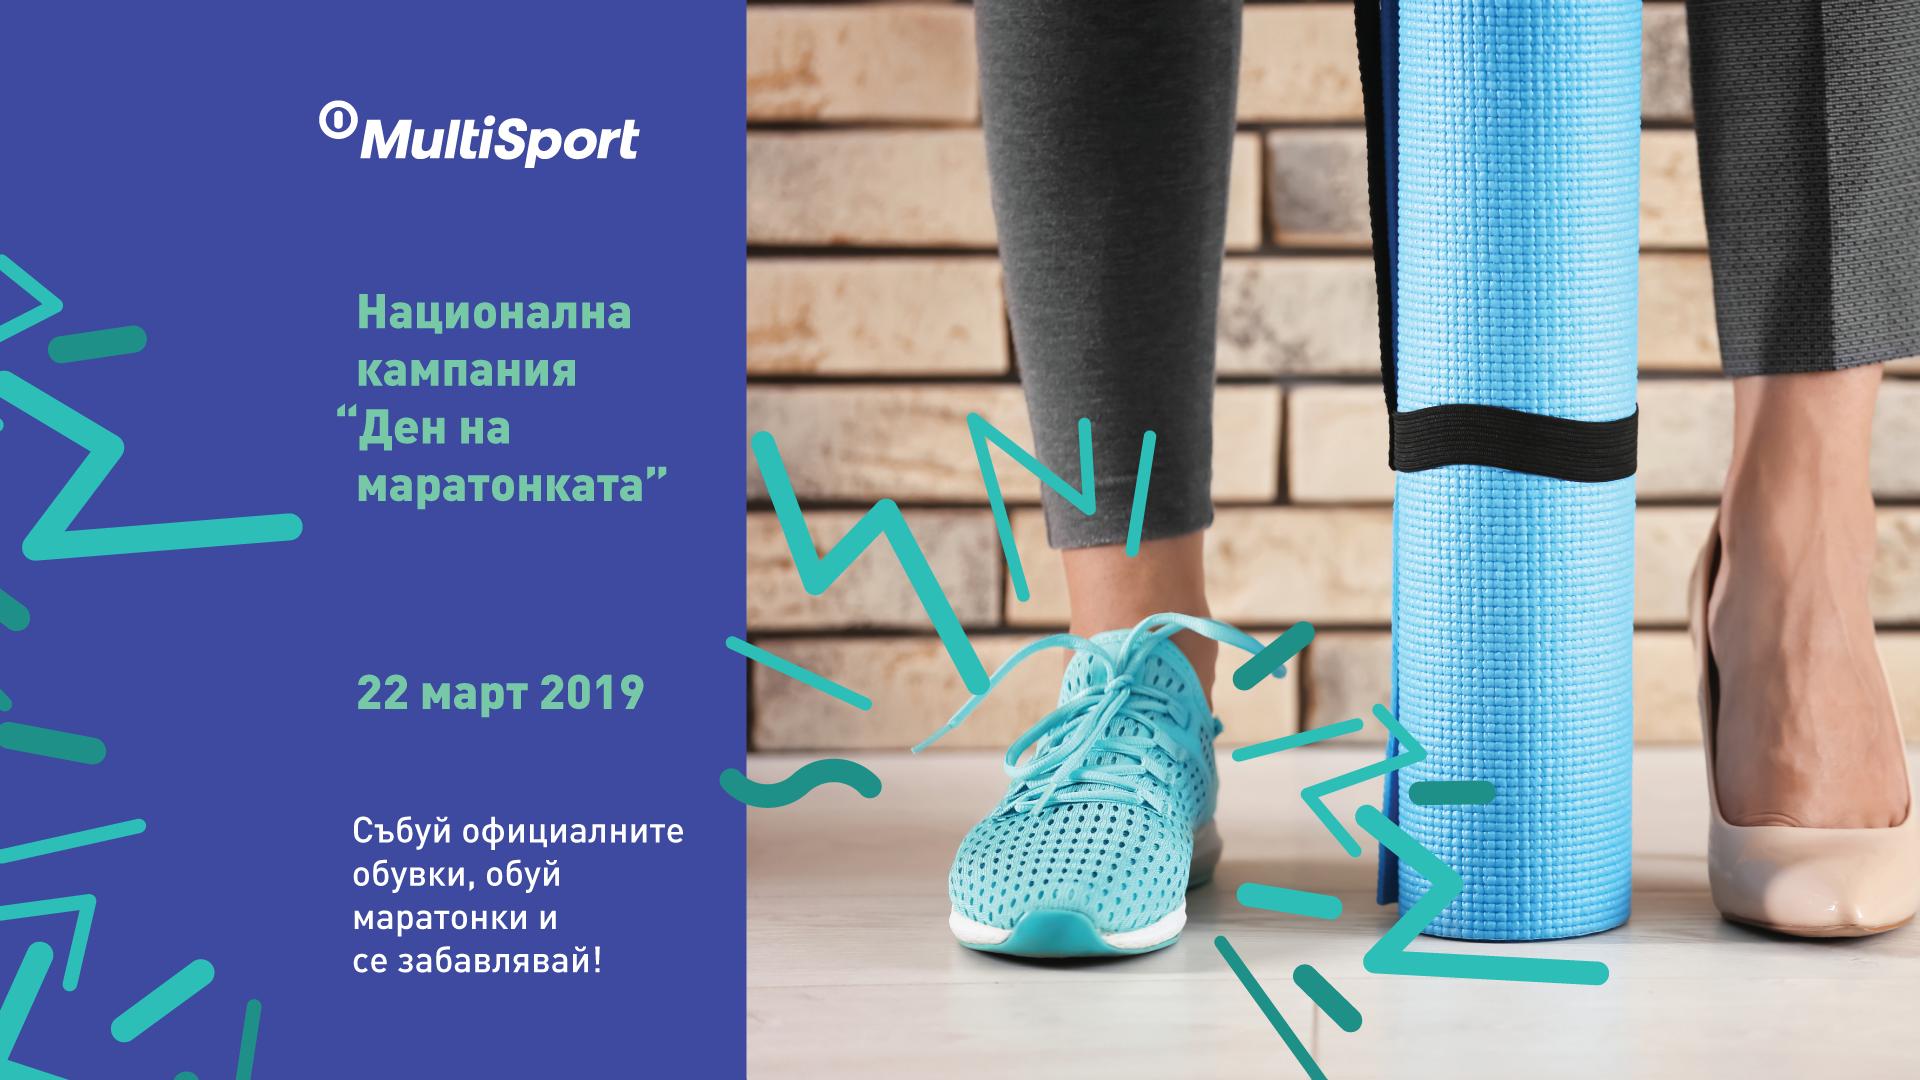 367cf85a0bc Обуваме спортни обувки в офиса на Ден на маратонката - БДВО